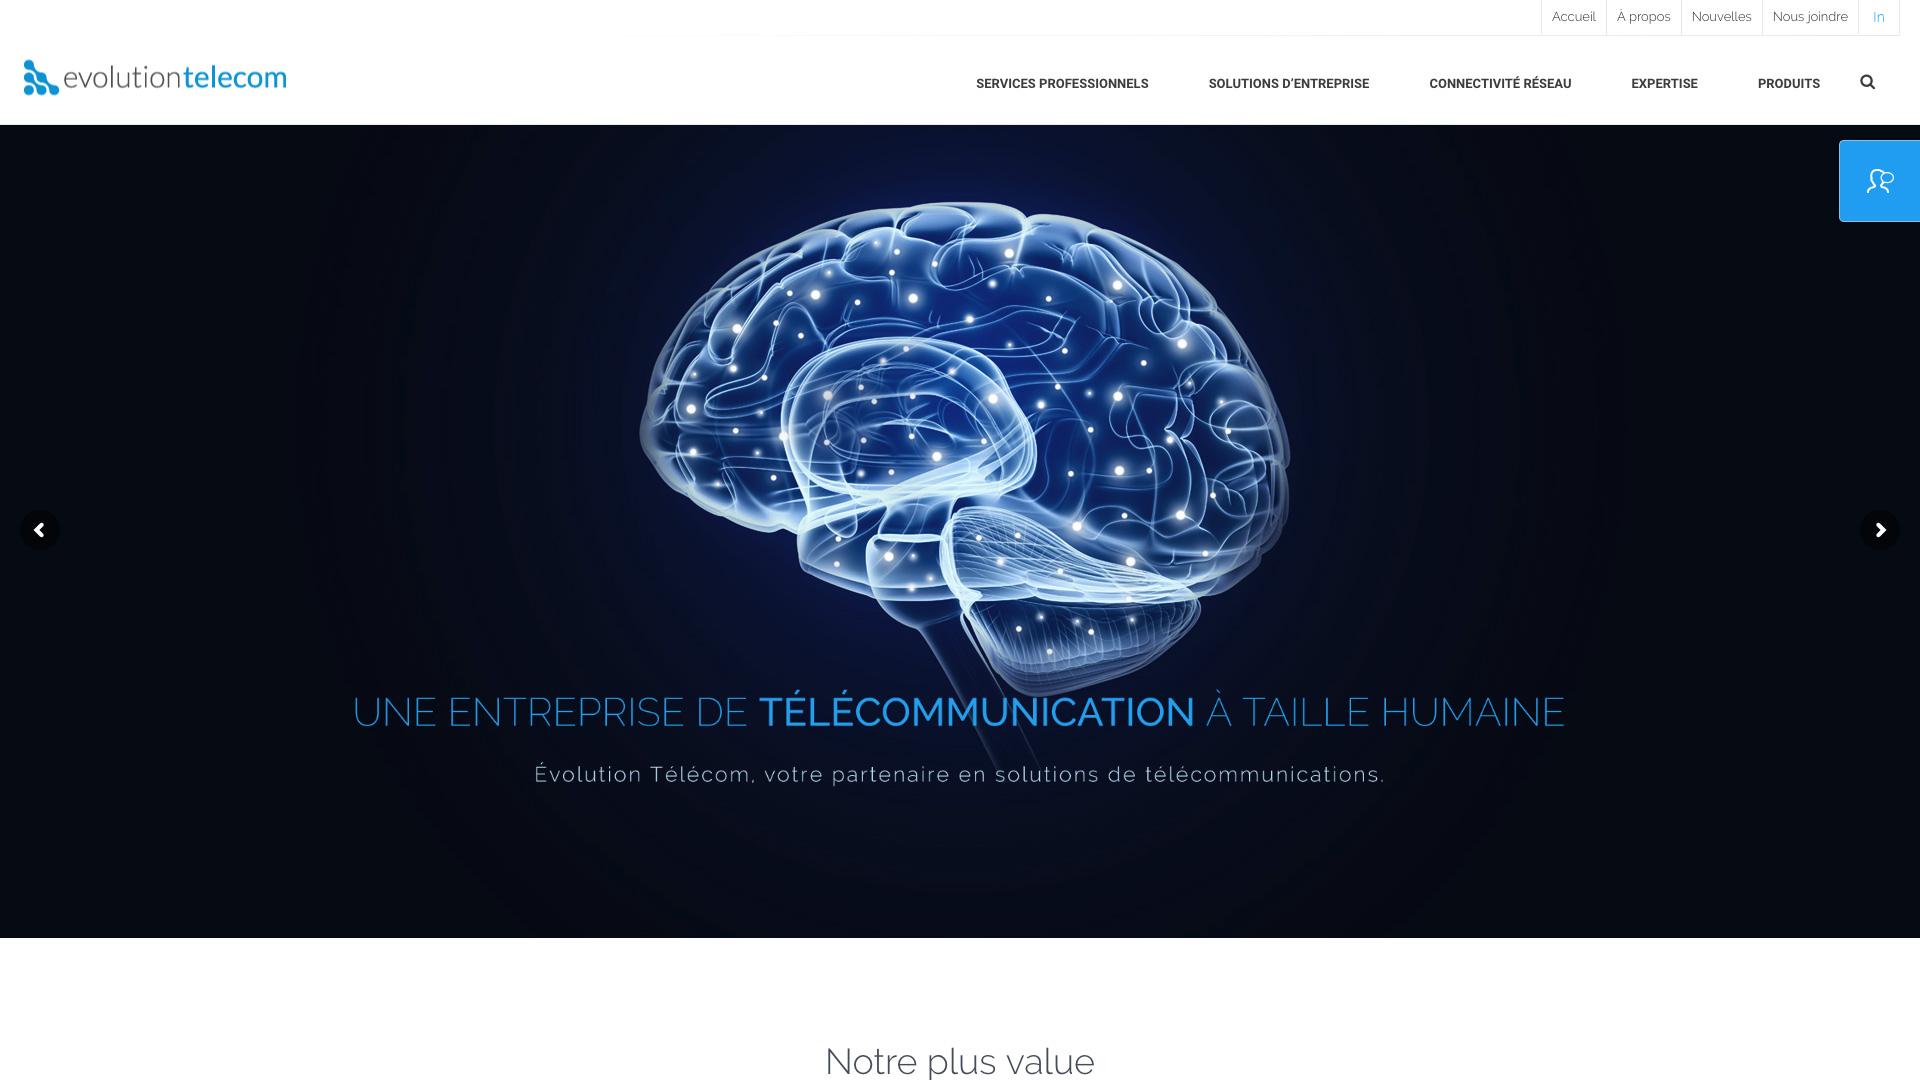 Evolutiontelecom